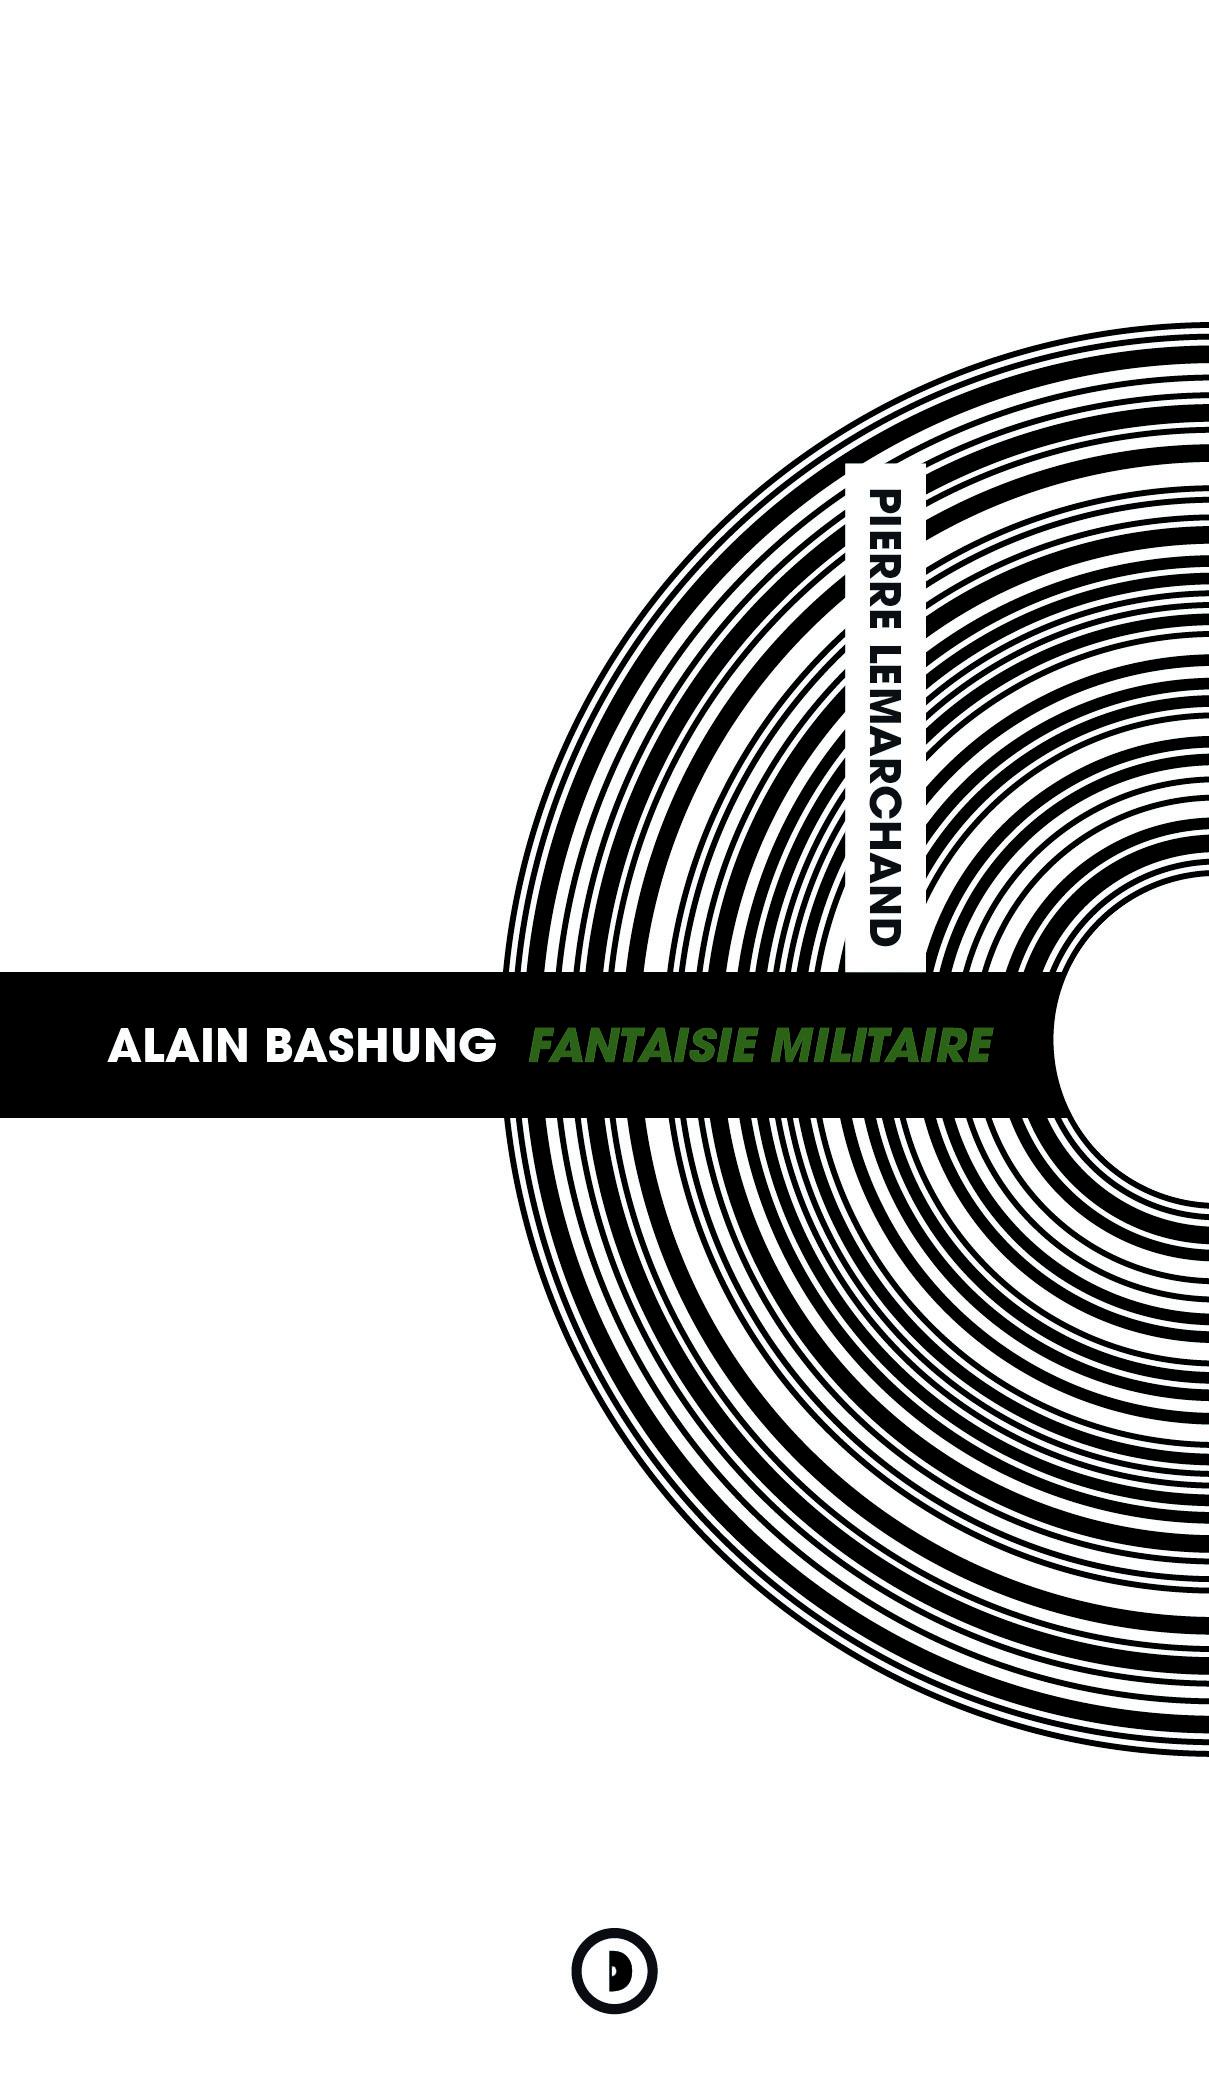 Alain Bashung Fantaisie Militaire